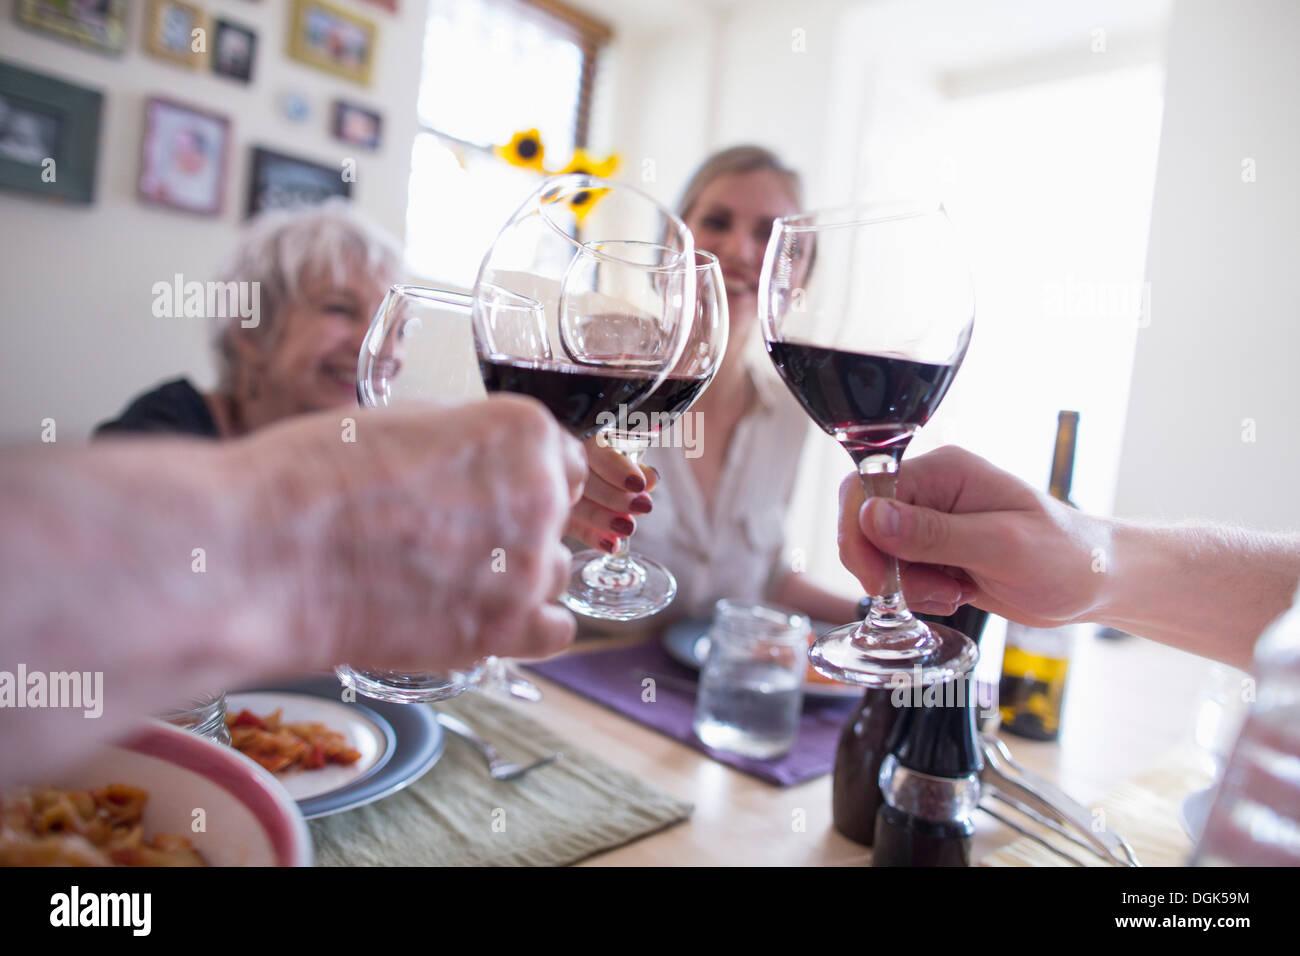 Familia brindando con vino tinto de mesa durante la cena. Imagen De Stock